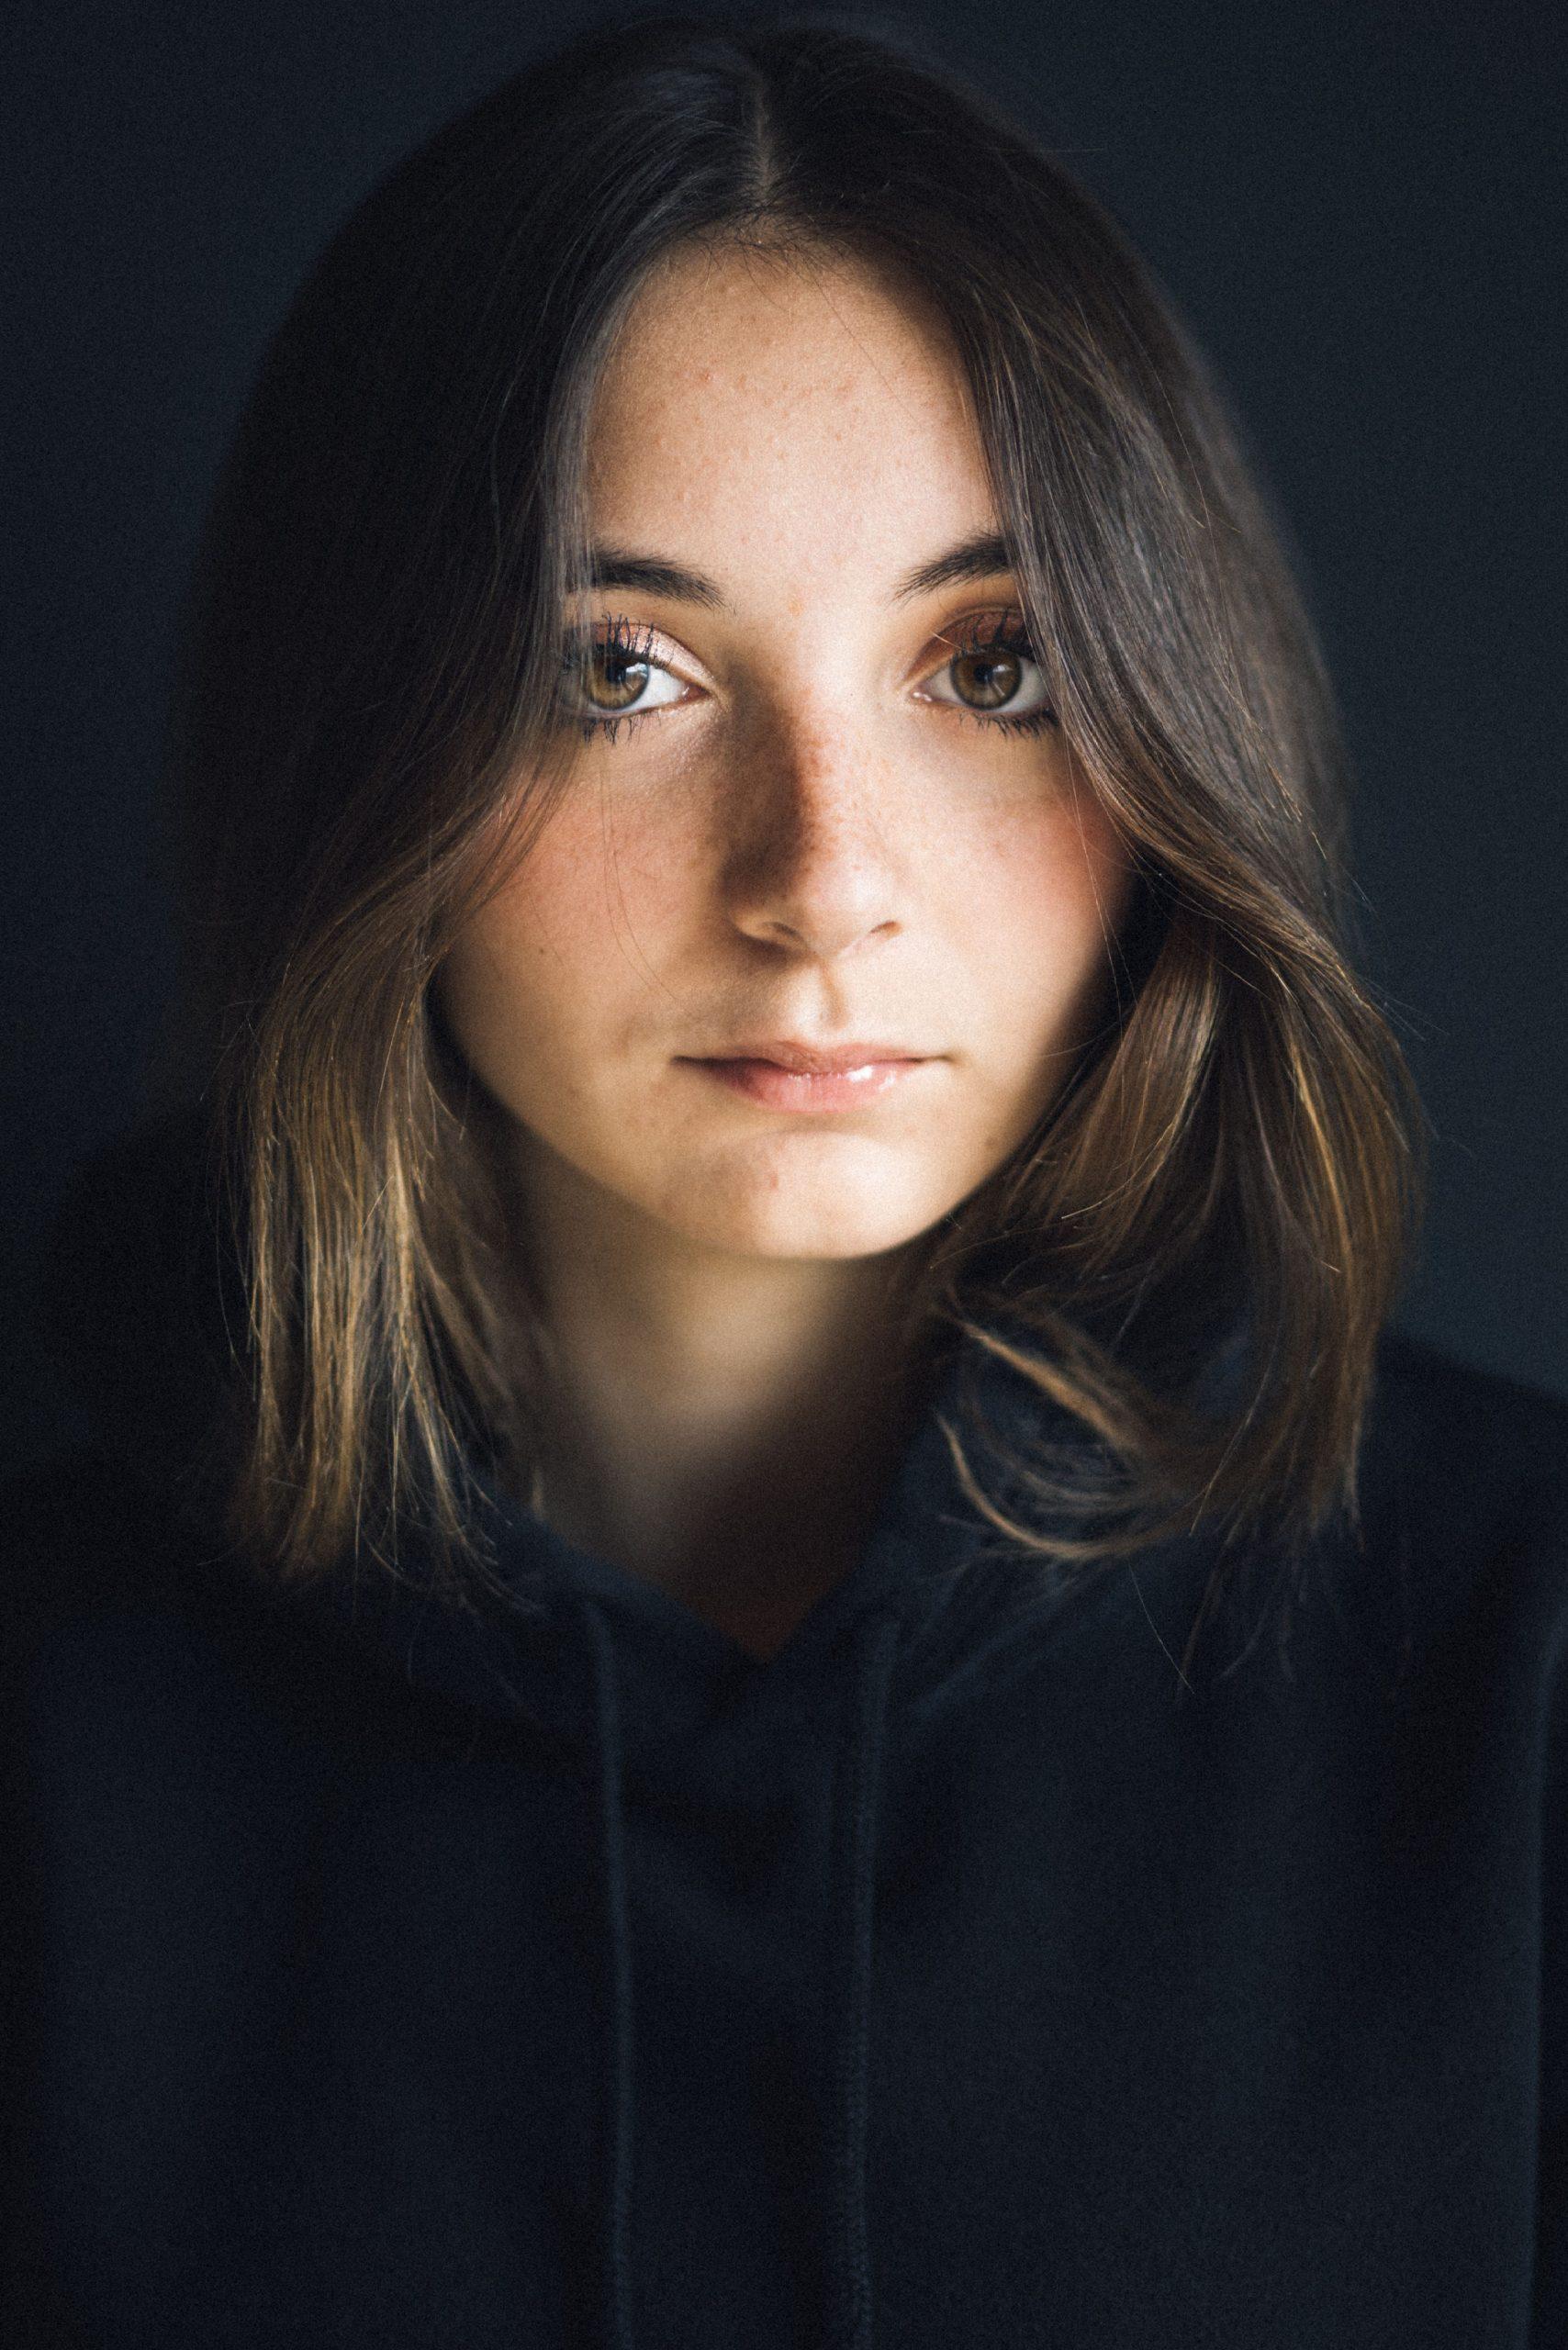 portrait-image